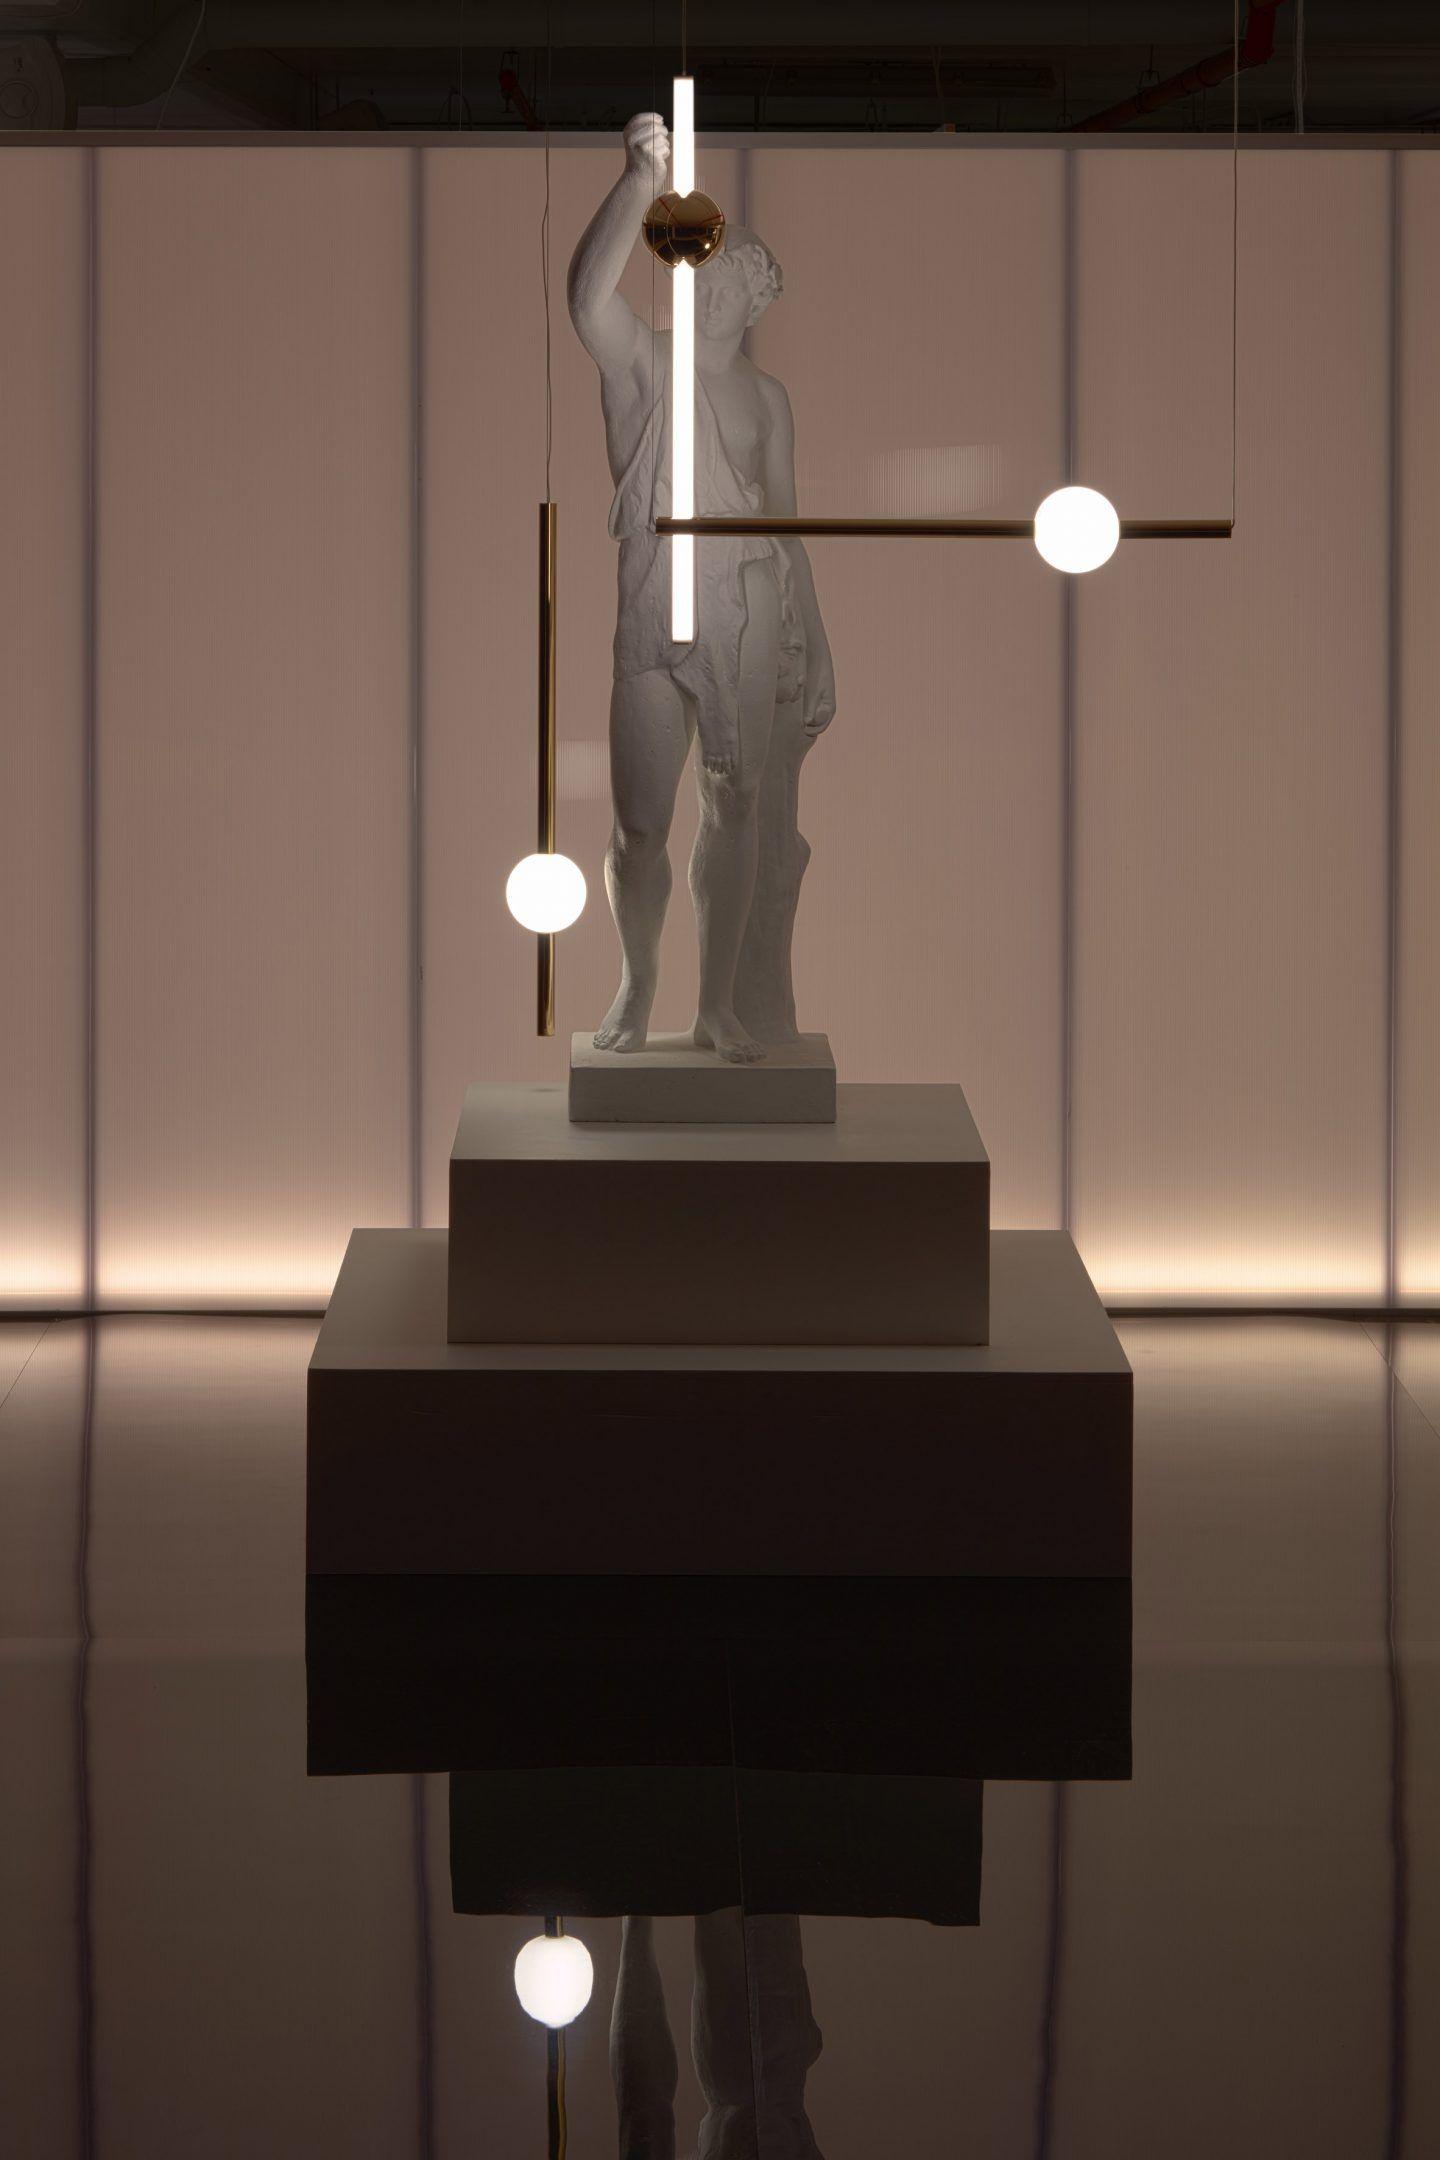 IGNANT-Design-Lee-Broom-Park-Life-2